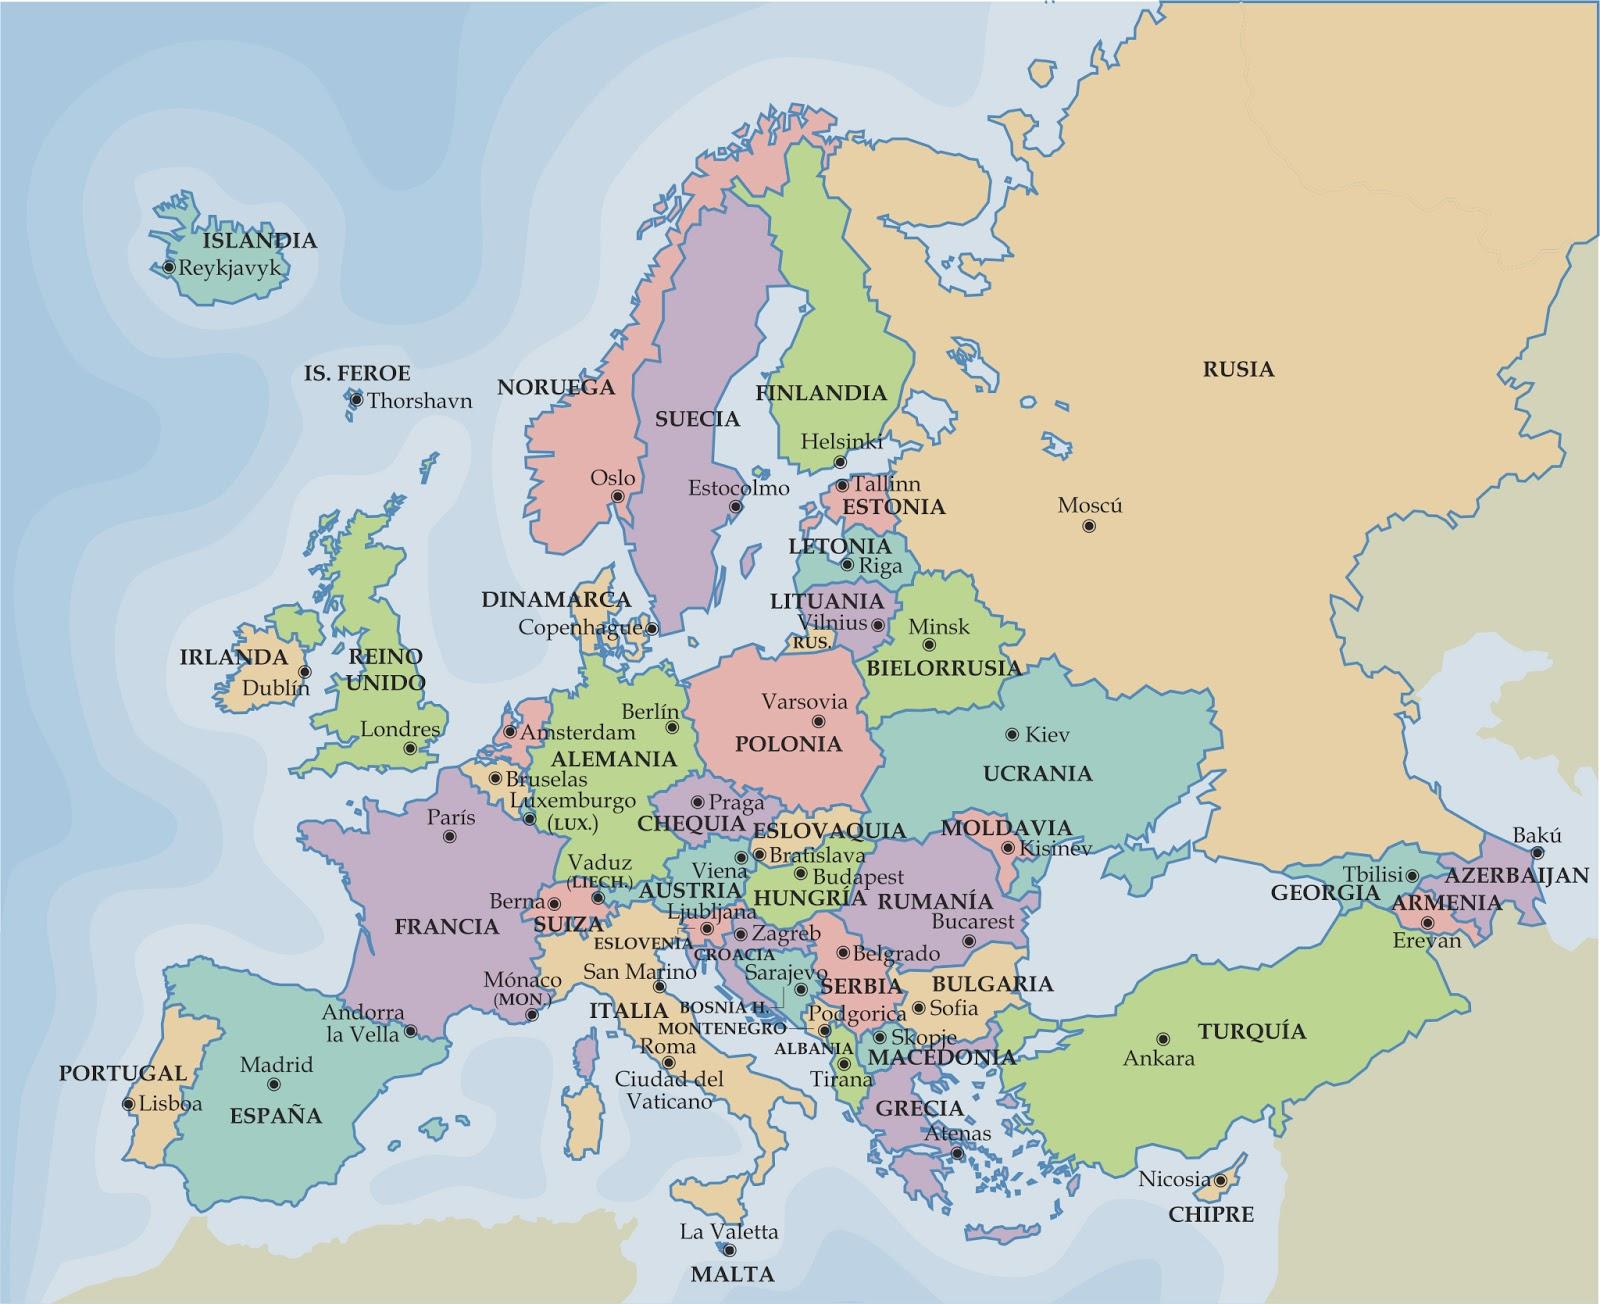 mapa-politico-de-europa